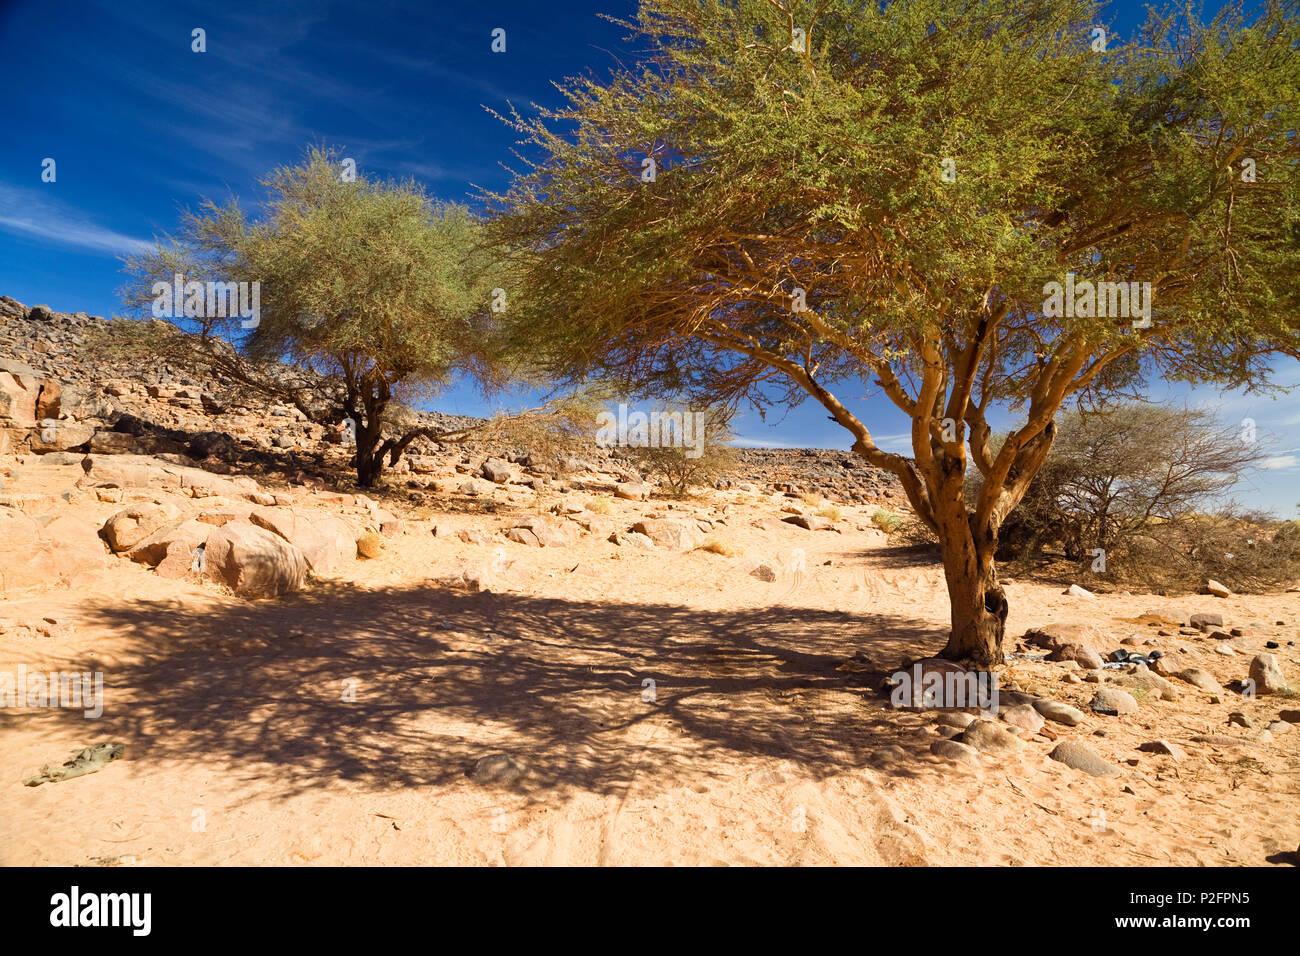 Gli alberi di acacia nel Wadi Mathendous, Wadi Barjuj, deserto pietroso, Libia, sahara Africa del Nord Immagini Stock